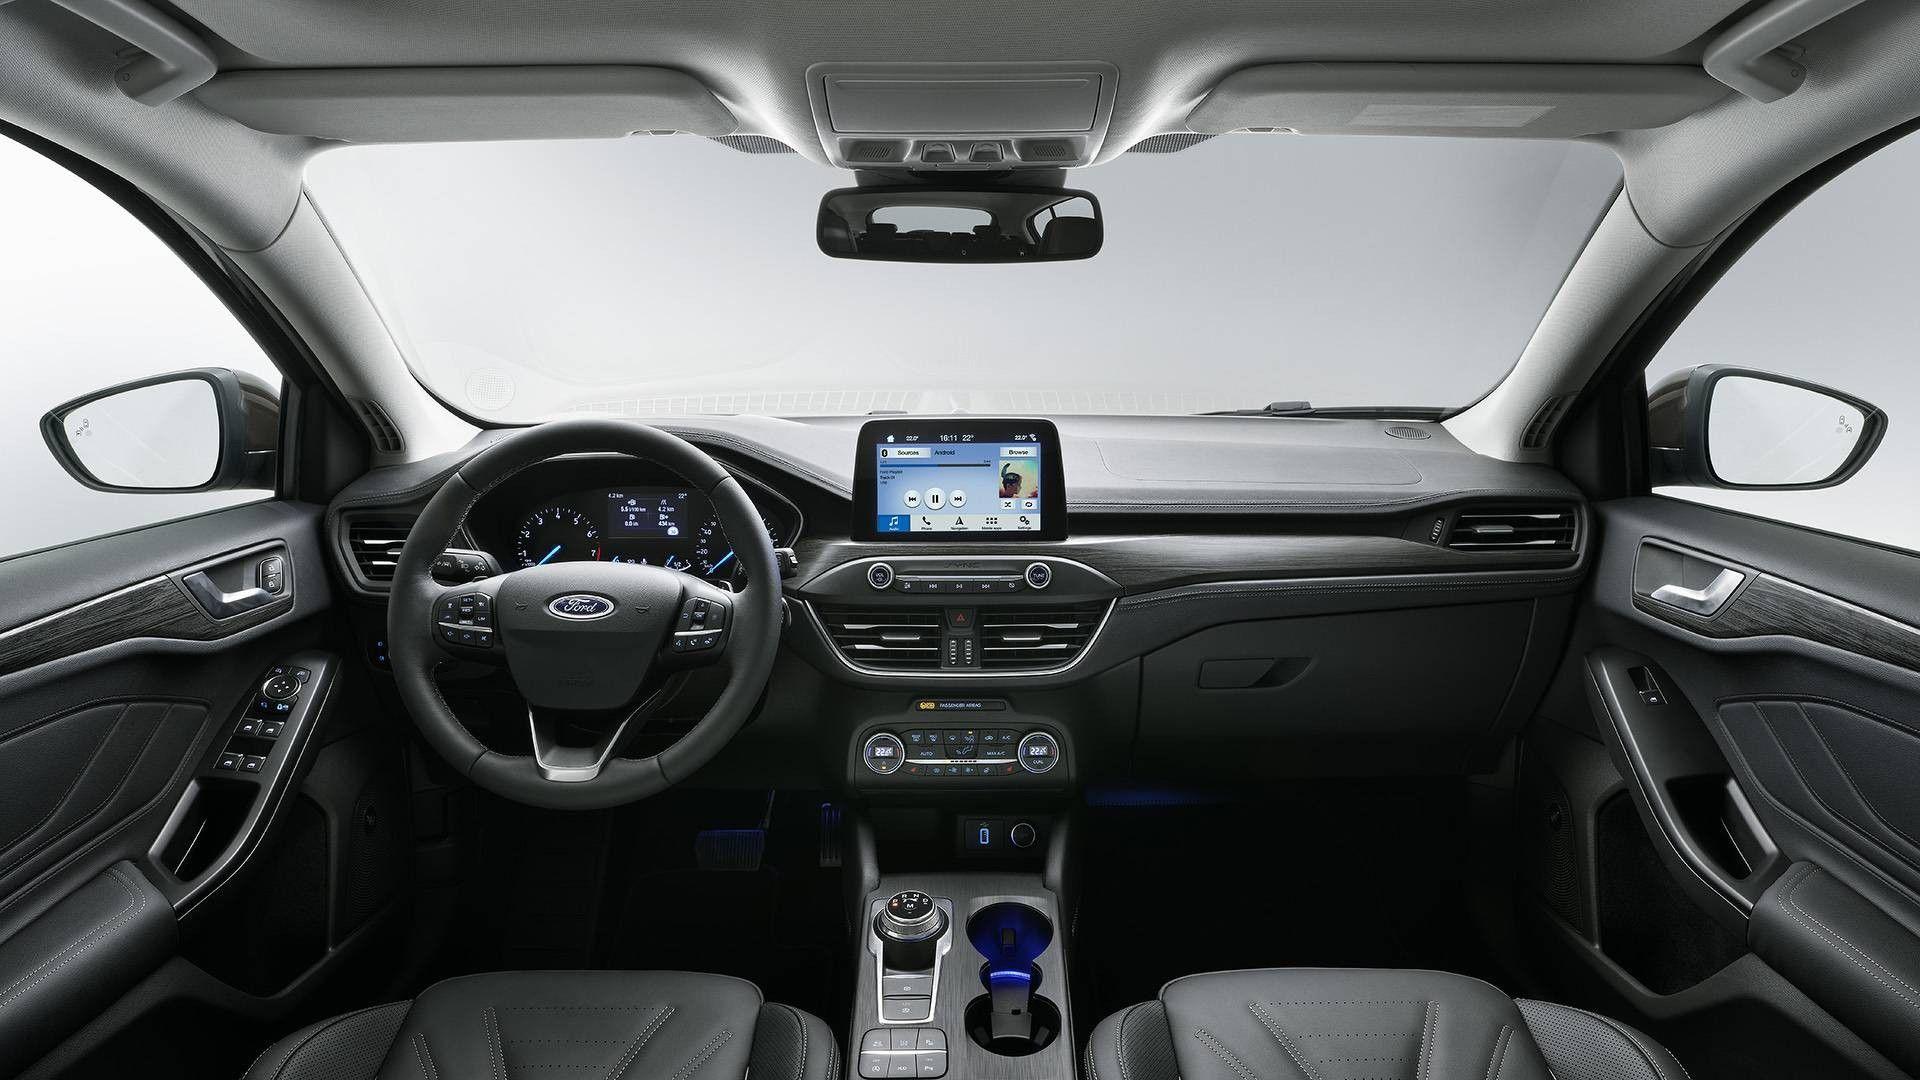 ford focus station wagon  lunghezza scheda tecnica prezzo motorbox